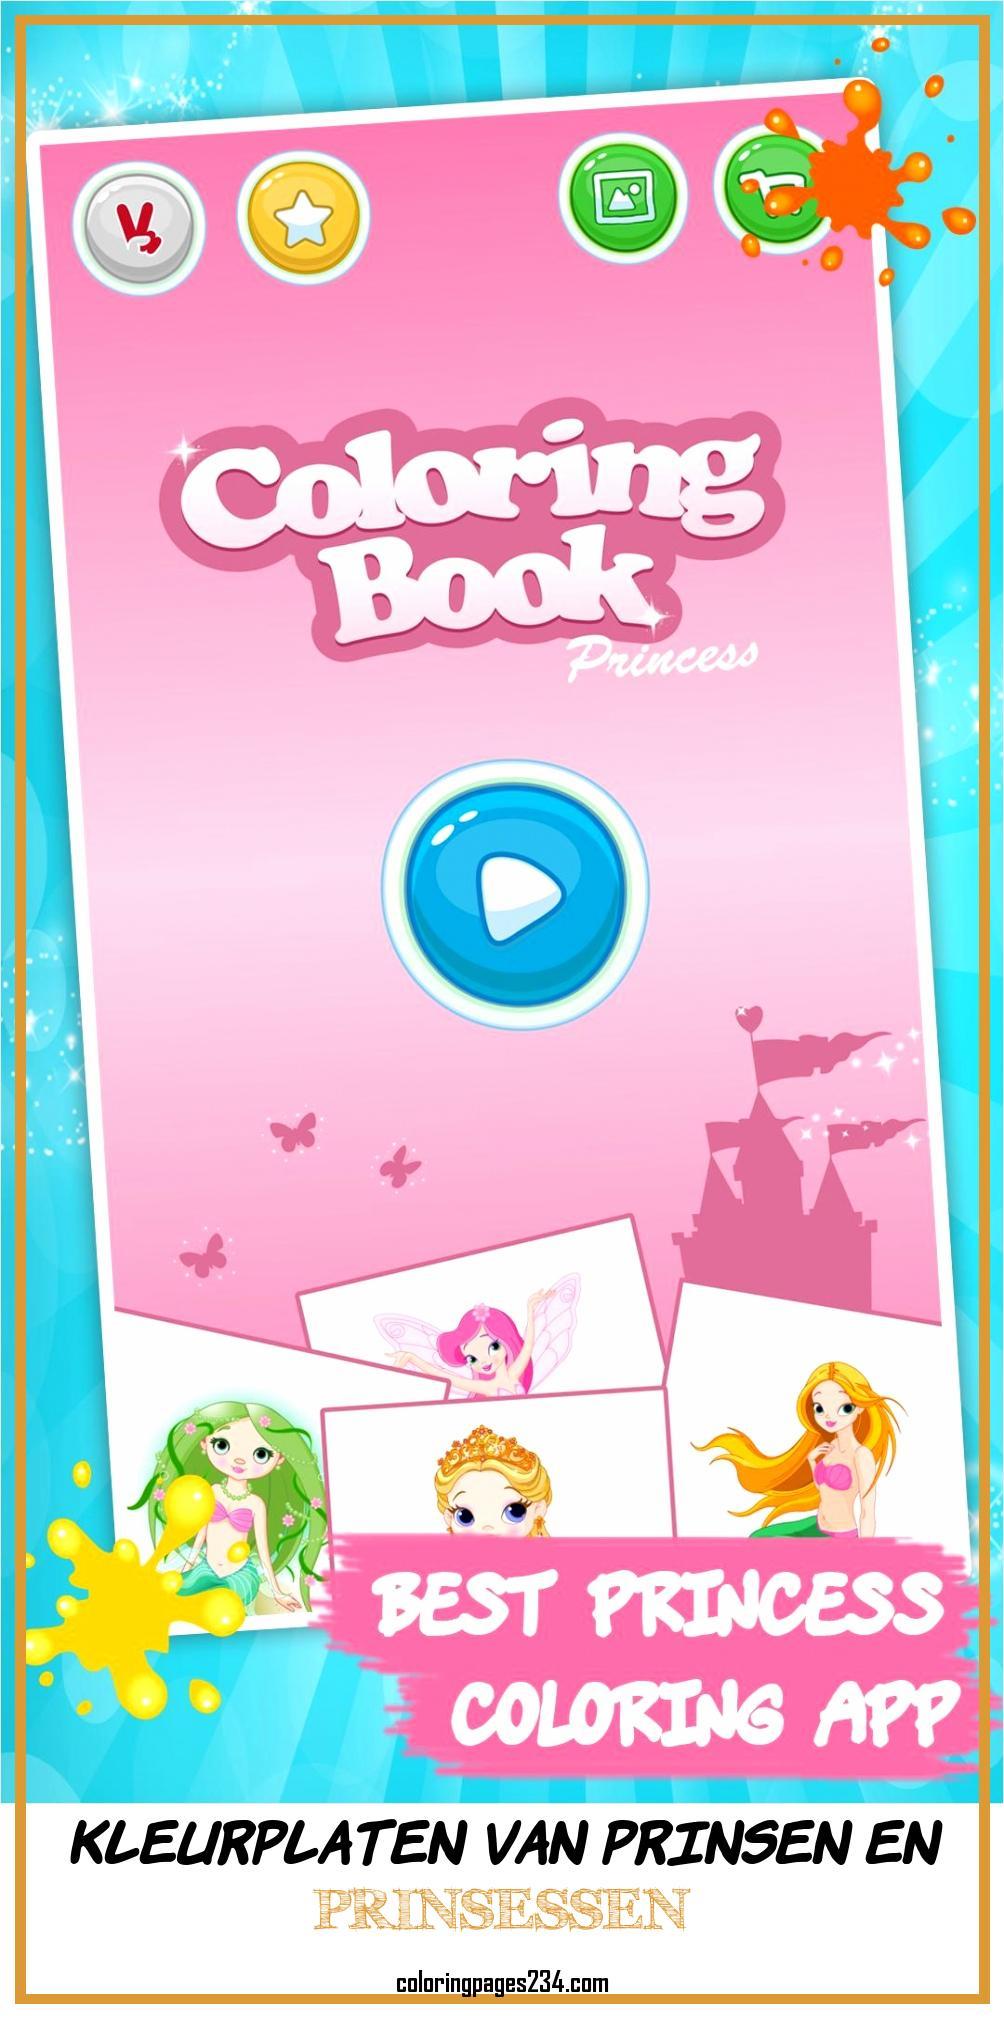 Jqxtbg 44504 Gab2ejfbnqtrdggbu Kleurplaten Van Prinsen En Prinsessen Kleurplaten Kinderspel Prinses for android Apk Download 18041004